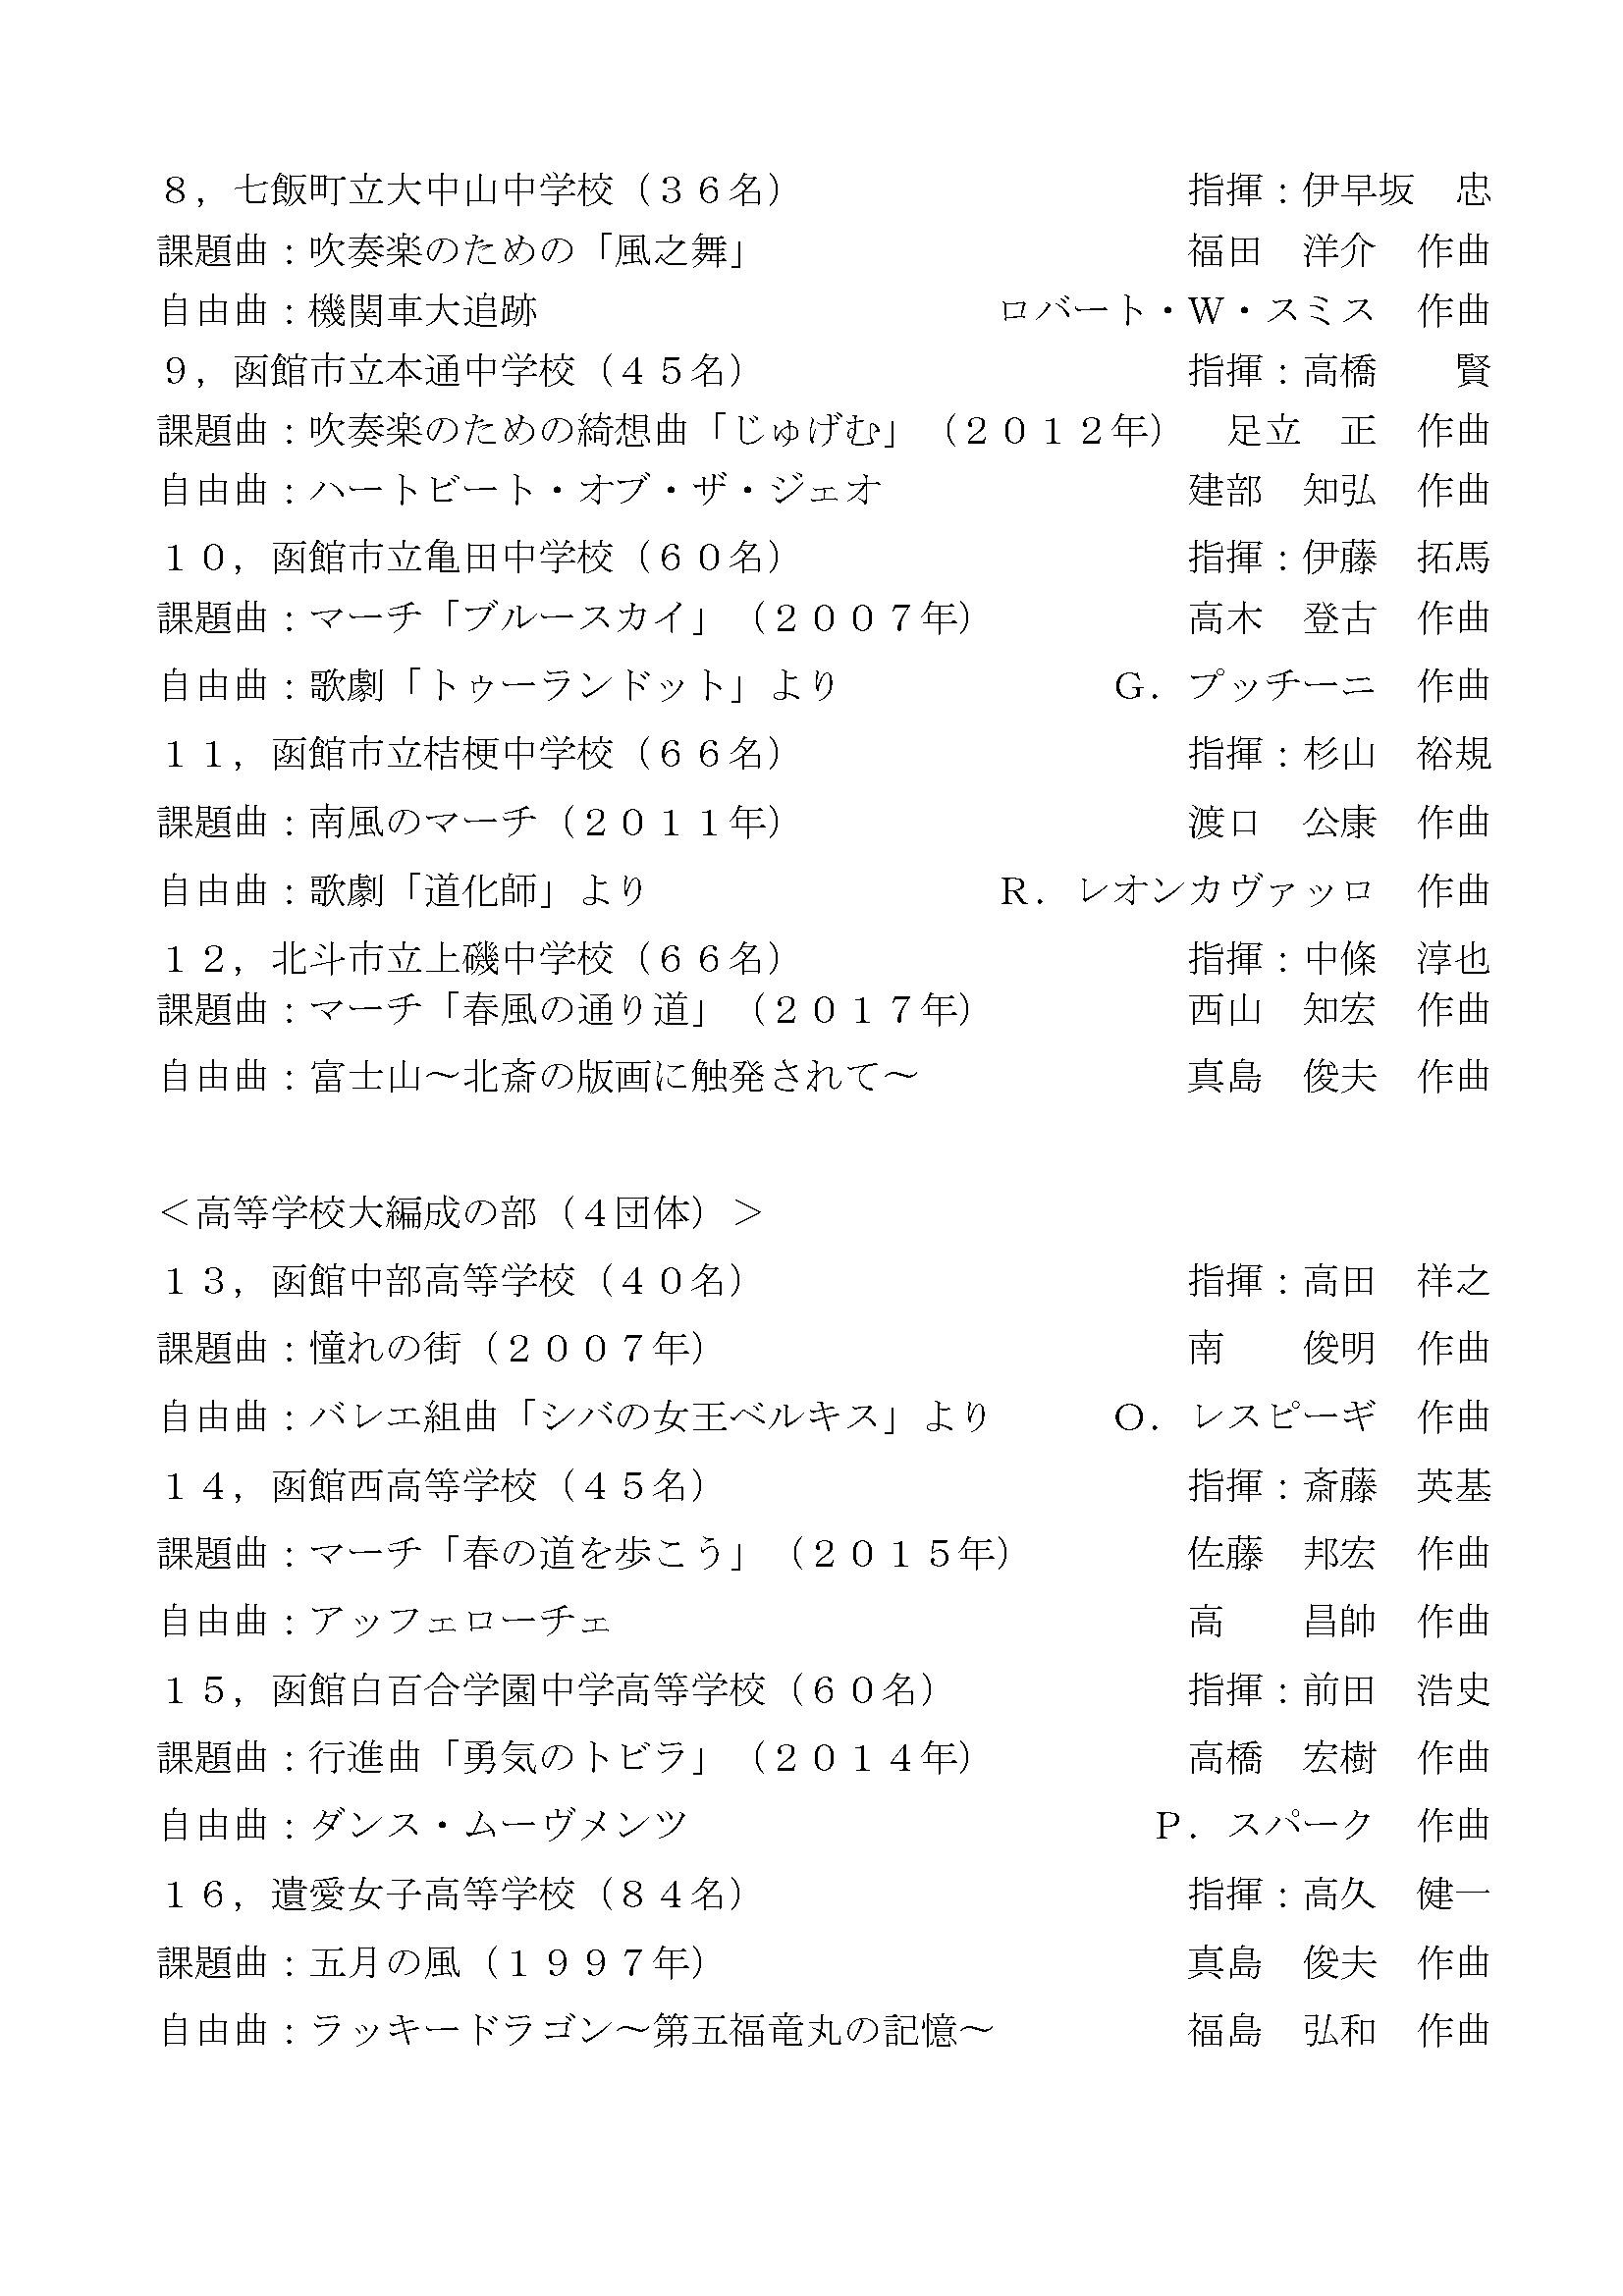 『道南地区吹奏楽コンテスト2018』プログラム_ページ_3